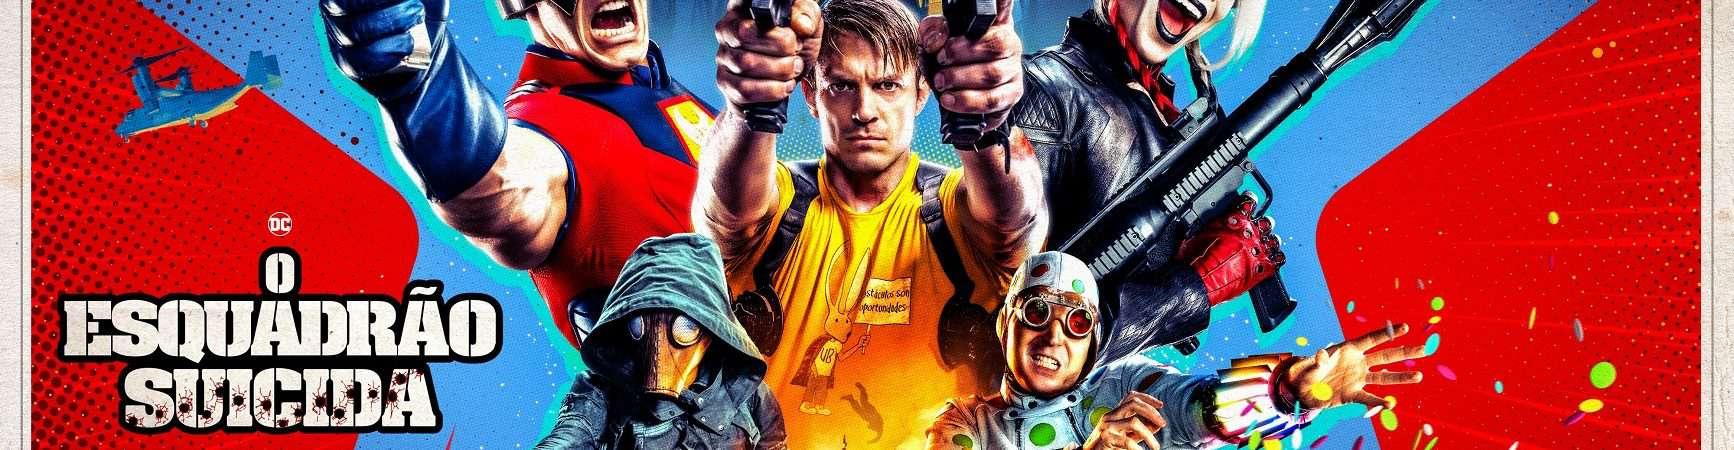 Cartaz de 'O Esquadrão Suicida'. Imagem: Warner Bros. Pictures/DC Comics